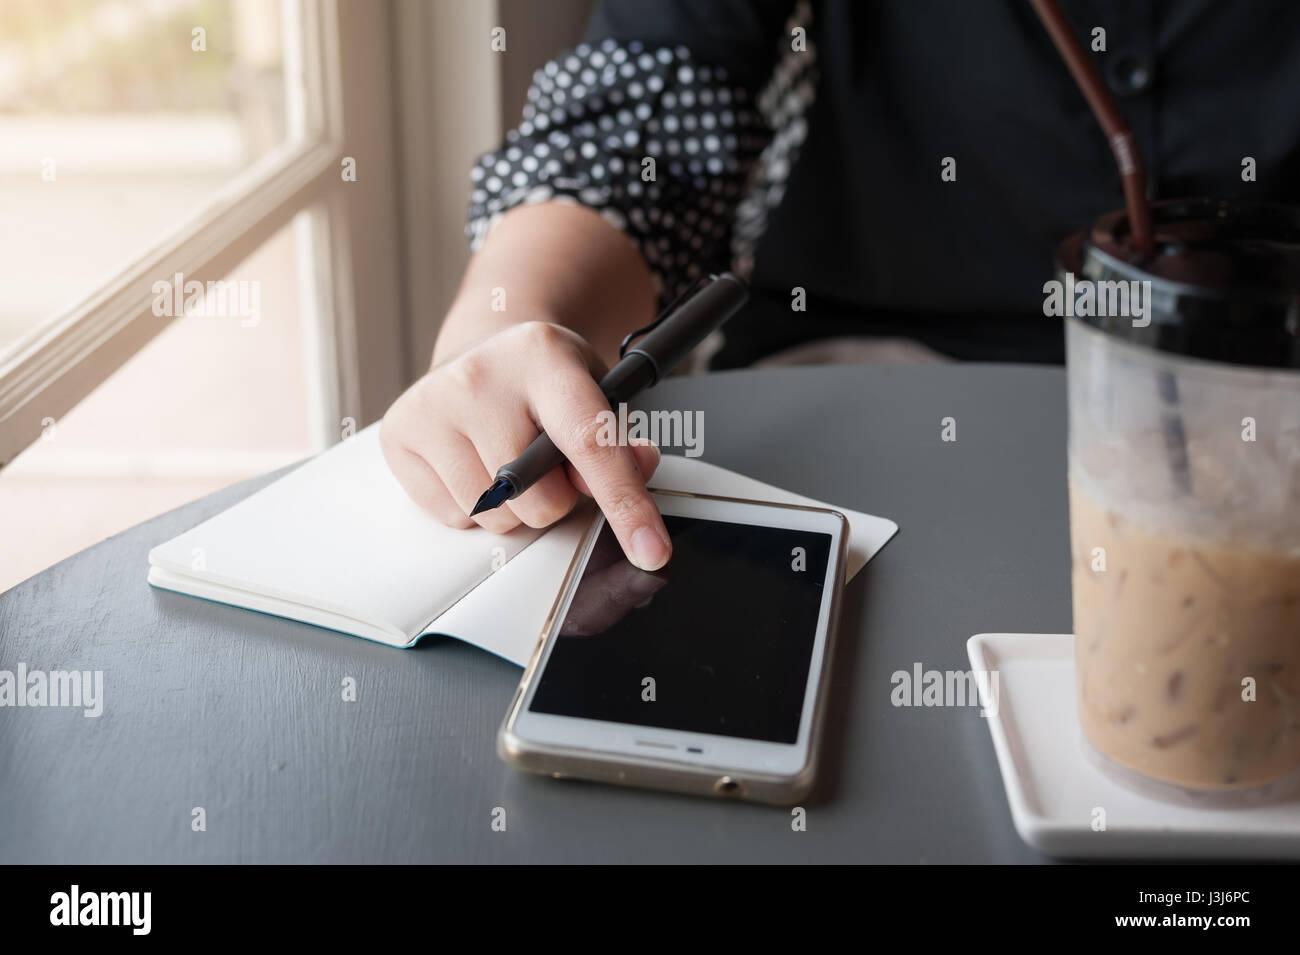 Donna mano toccando lo schermo dello smartphone durante la scrittura di qualcosa nel coffee shop. Lavorare da qualsiasi Immagini Stock